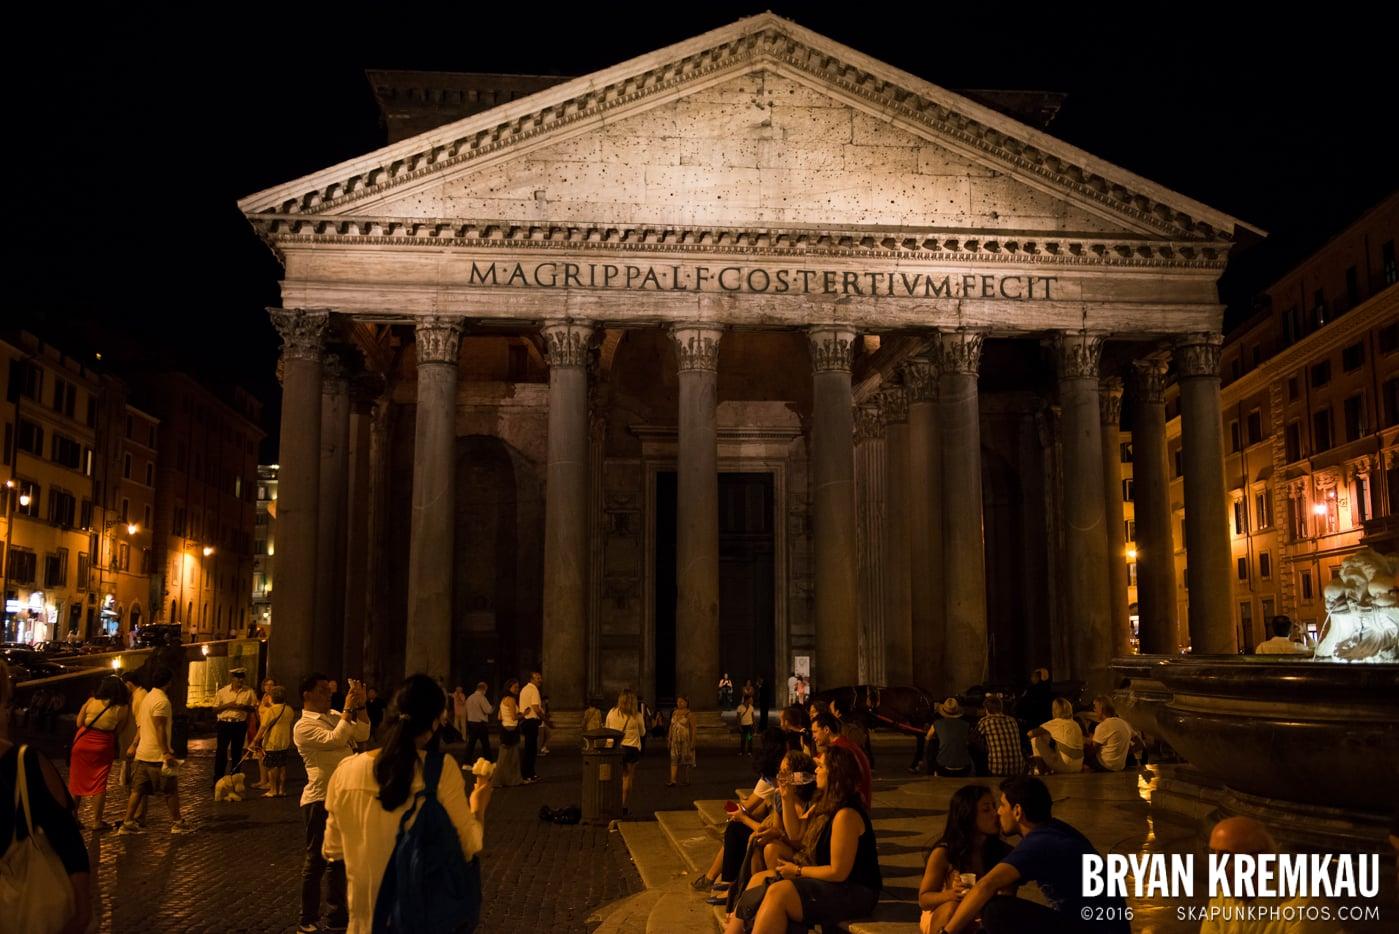 Italy Vacation - Day 1: Rome - 9.9.13 (5)